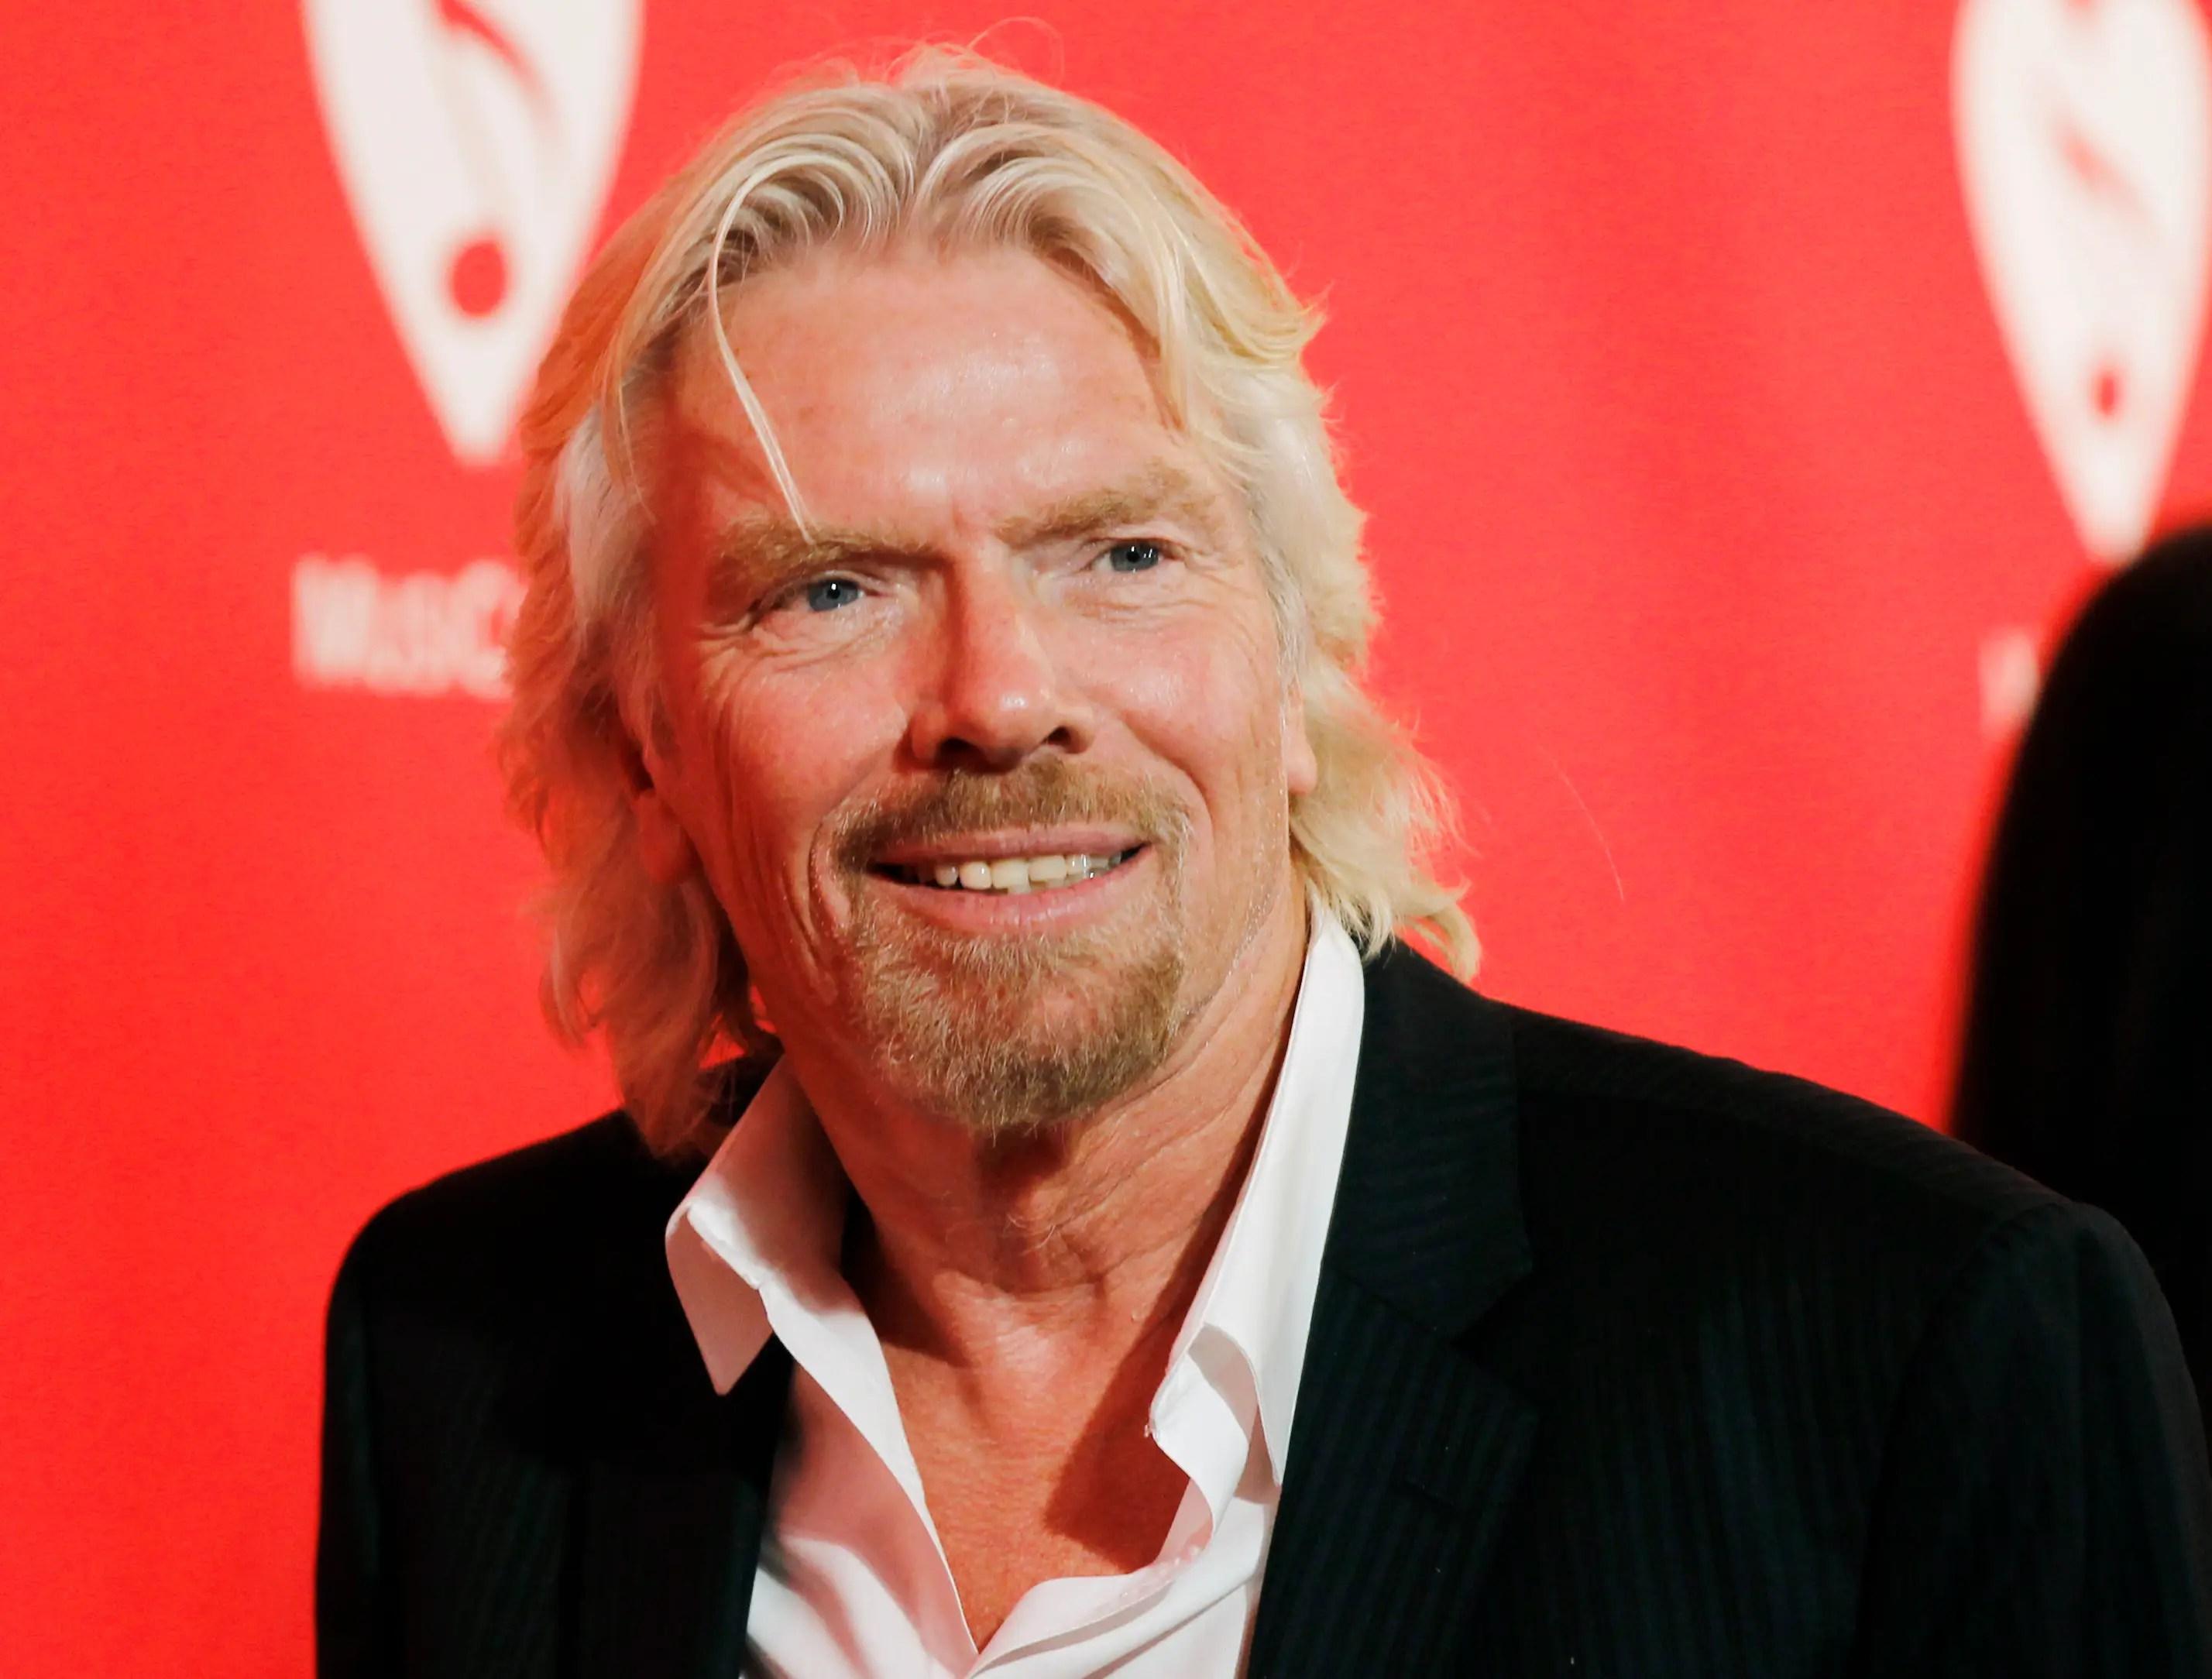 Billionaire Richard Branson believes success is about engagement.